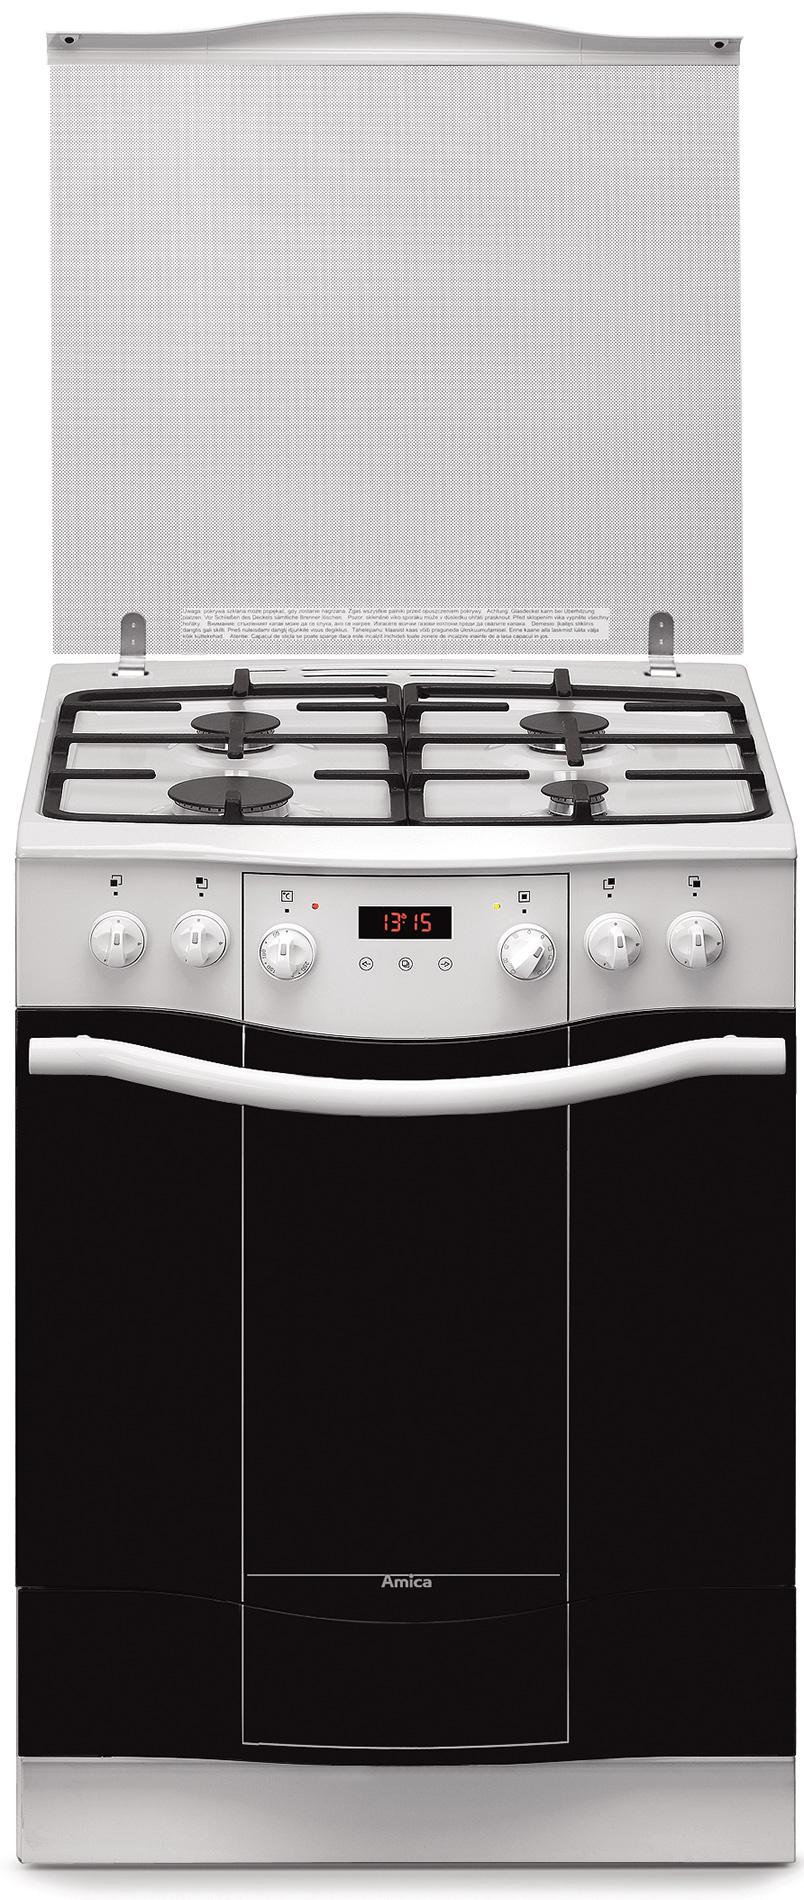 Kuchnia wolnostojąca gazowo elektryczna Amica IMPRESSION 608GE3 43ZpTsKDNAQ(W   -> Kuchnie Elektryczne Wolnostojące Indukcyjne